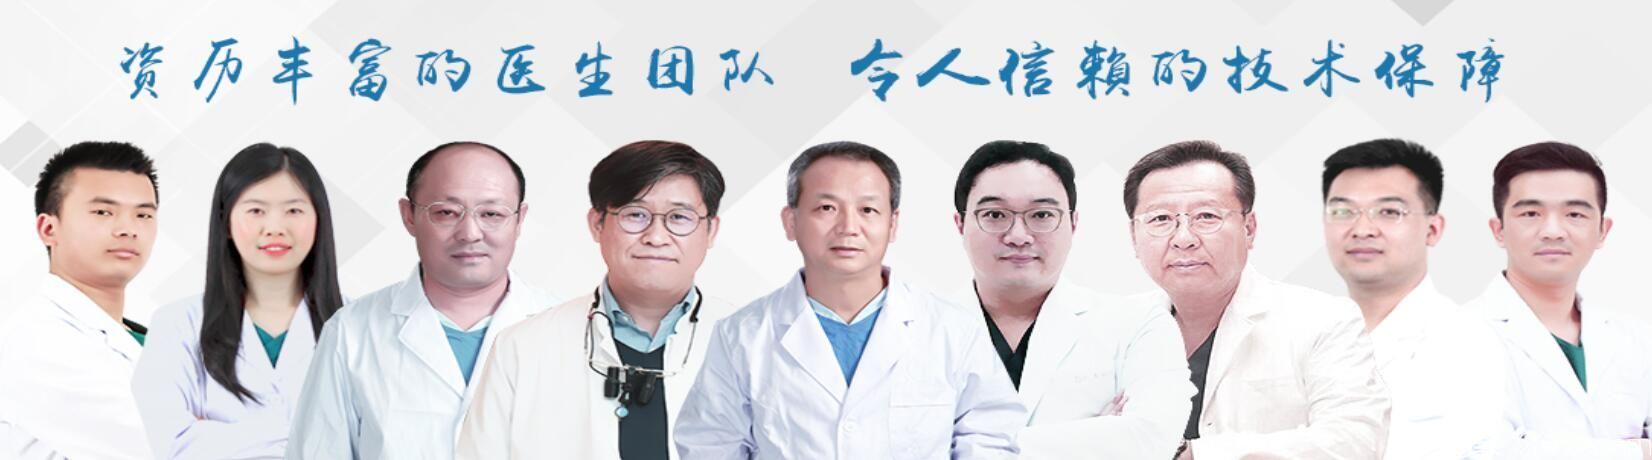 上海雅圣口腔医生团队介绍